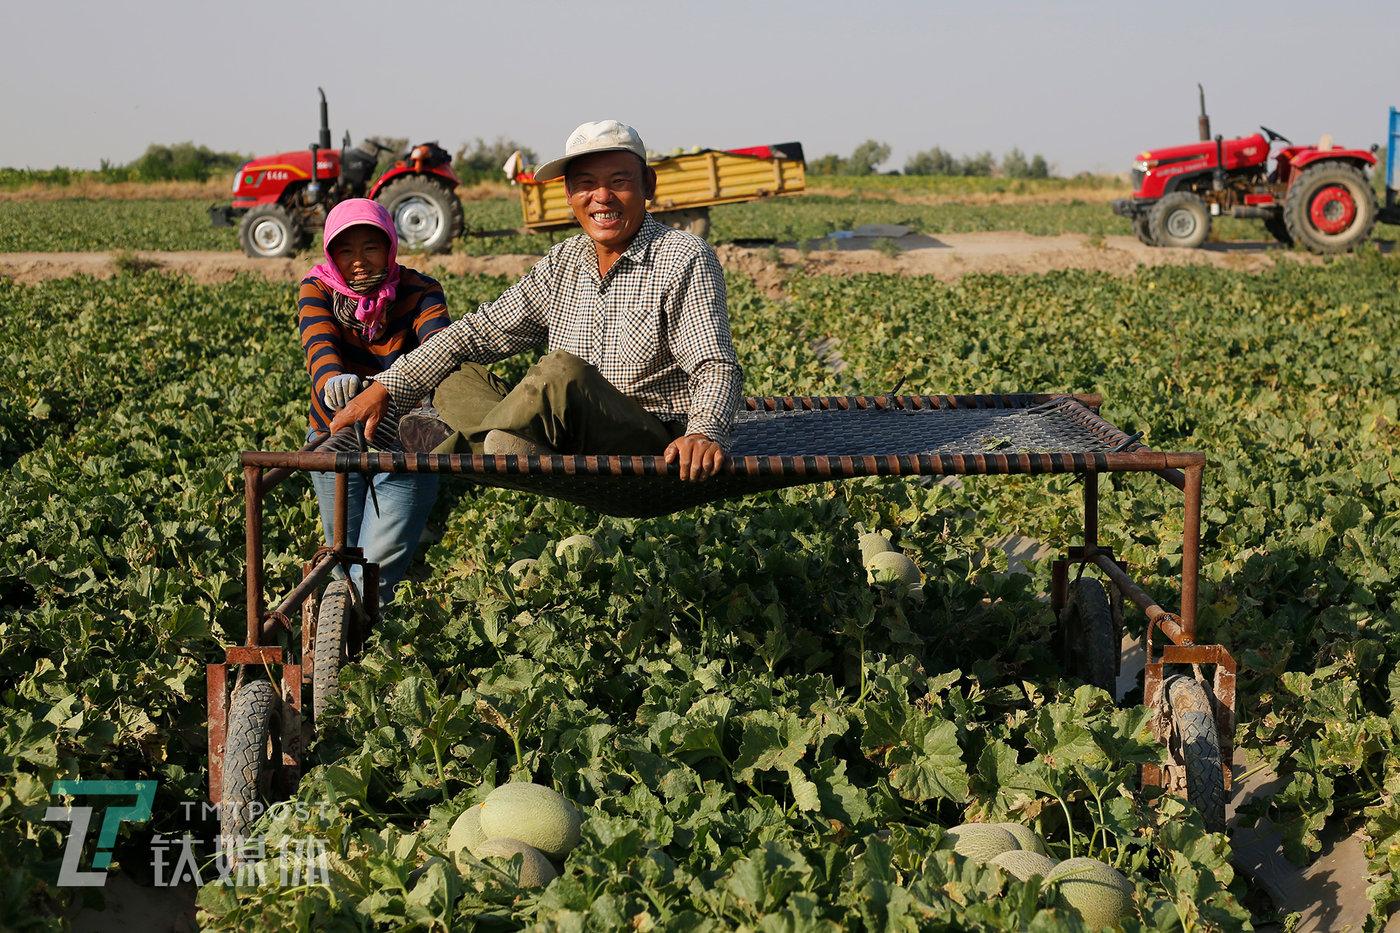 今年,薛志明的40亩地,卖了11万,比平常年份大约少两三万,比行情最好的2018年少了二十多万。